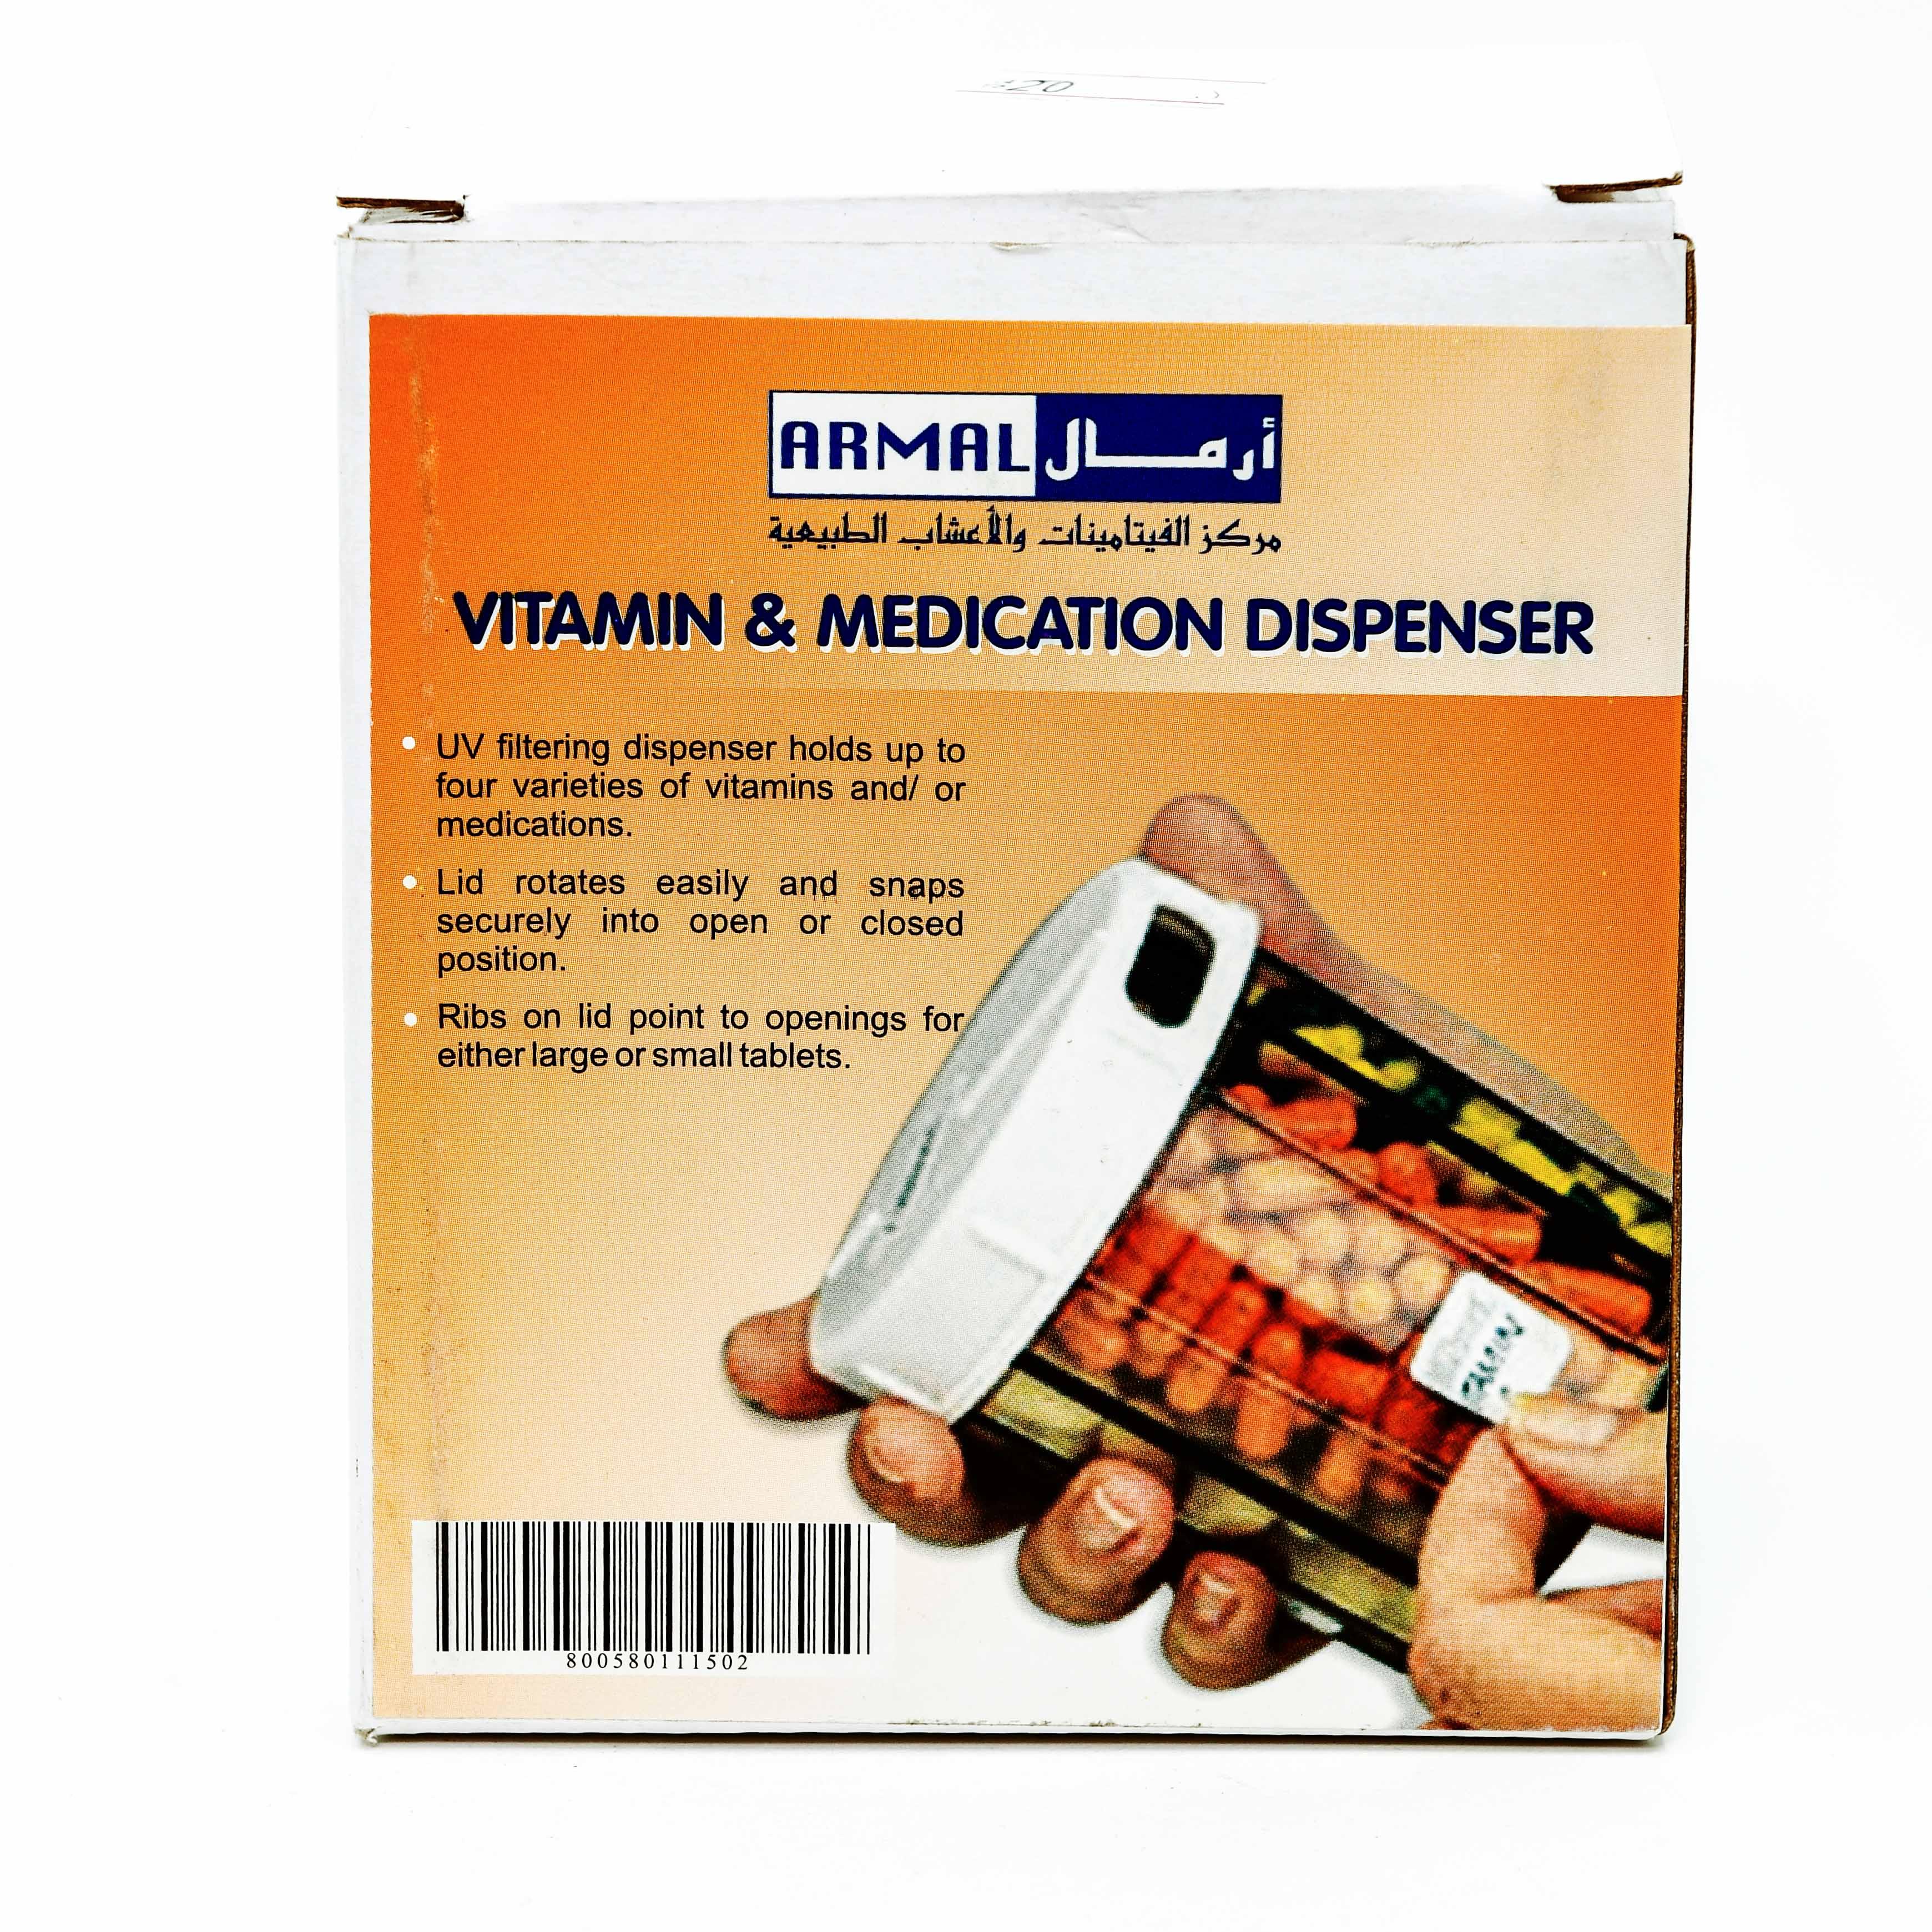 VITAMIN MEDICATION DISPENSER